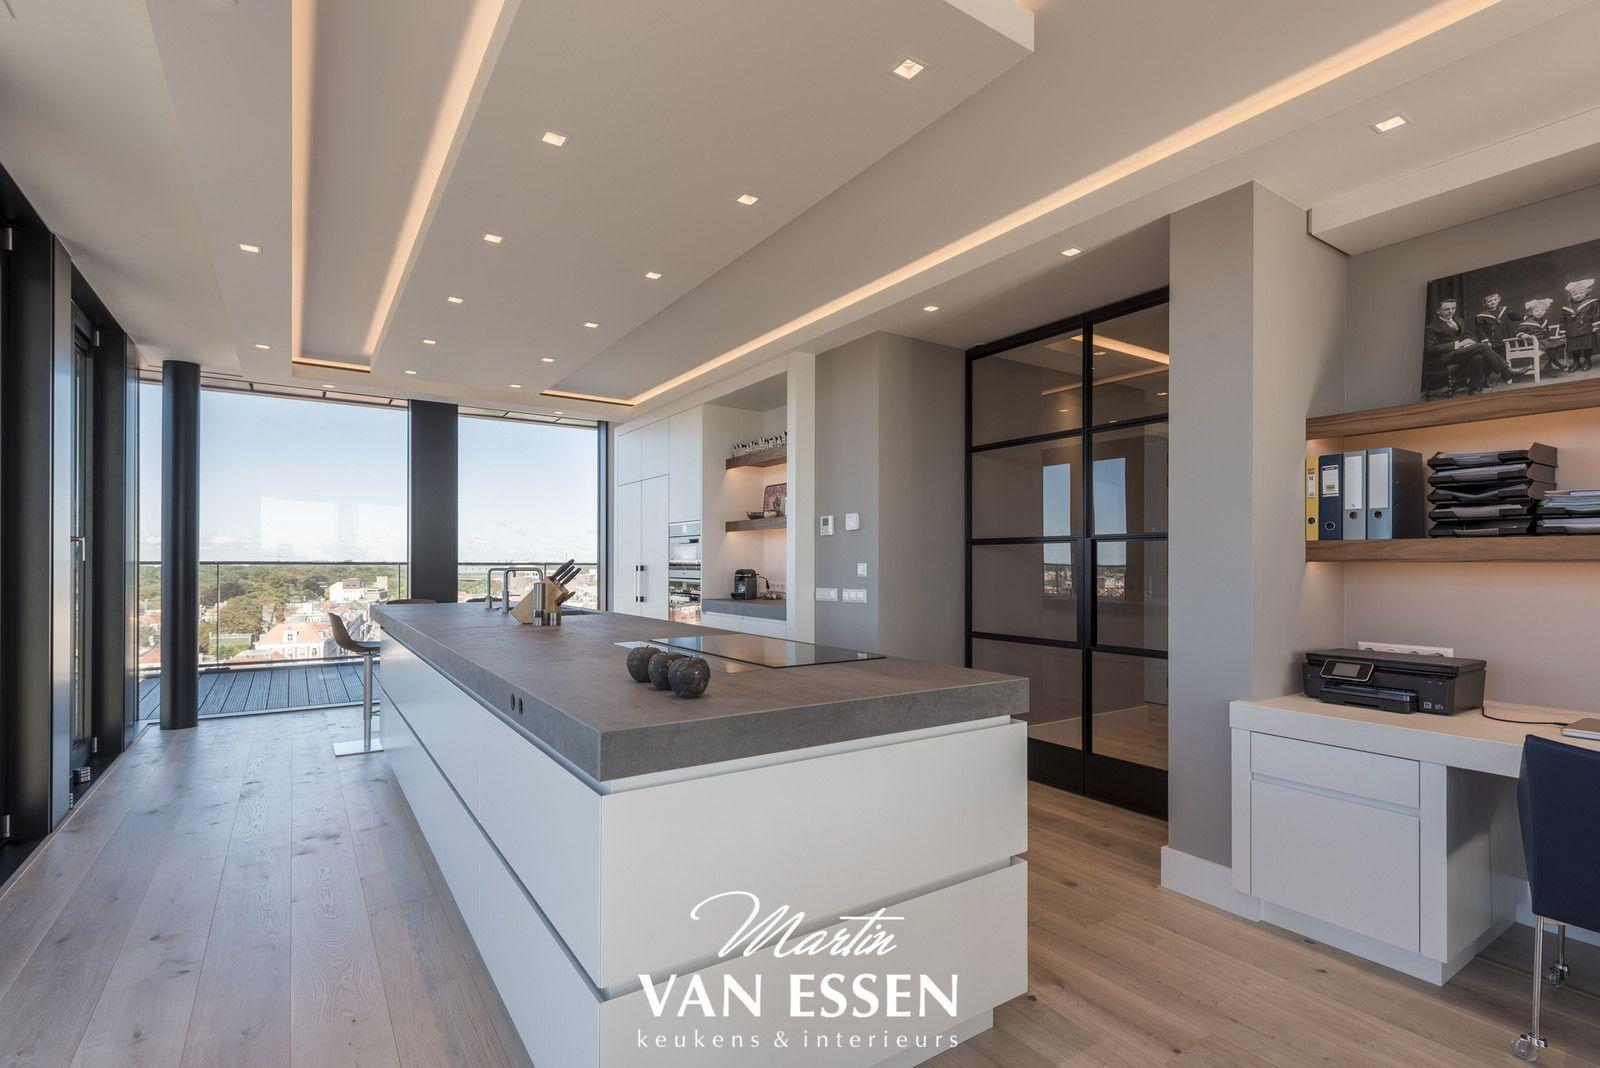 Voor een maatwerk moderne keuken bent u bij martin van essen aan